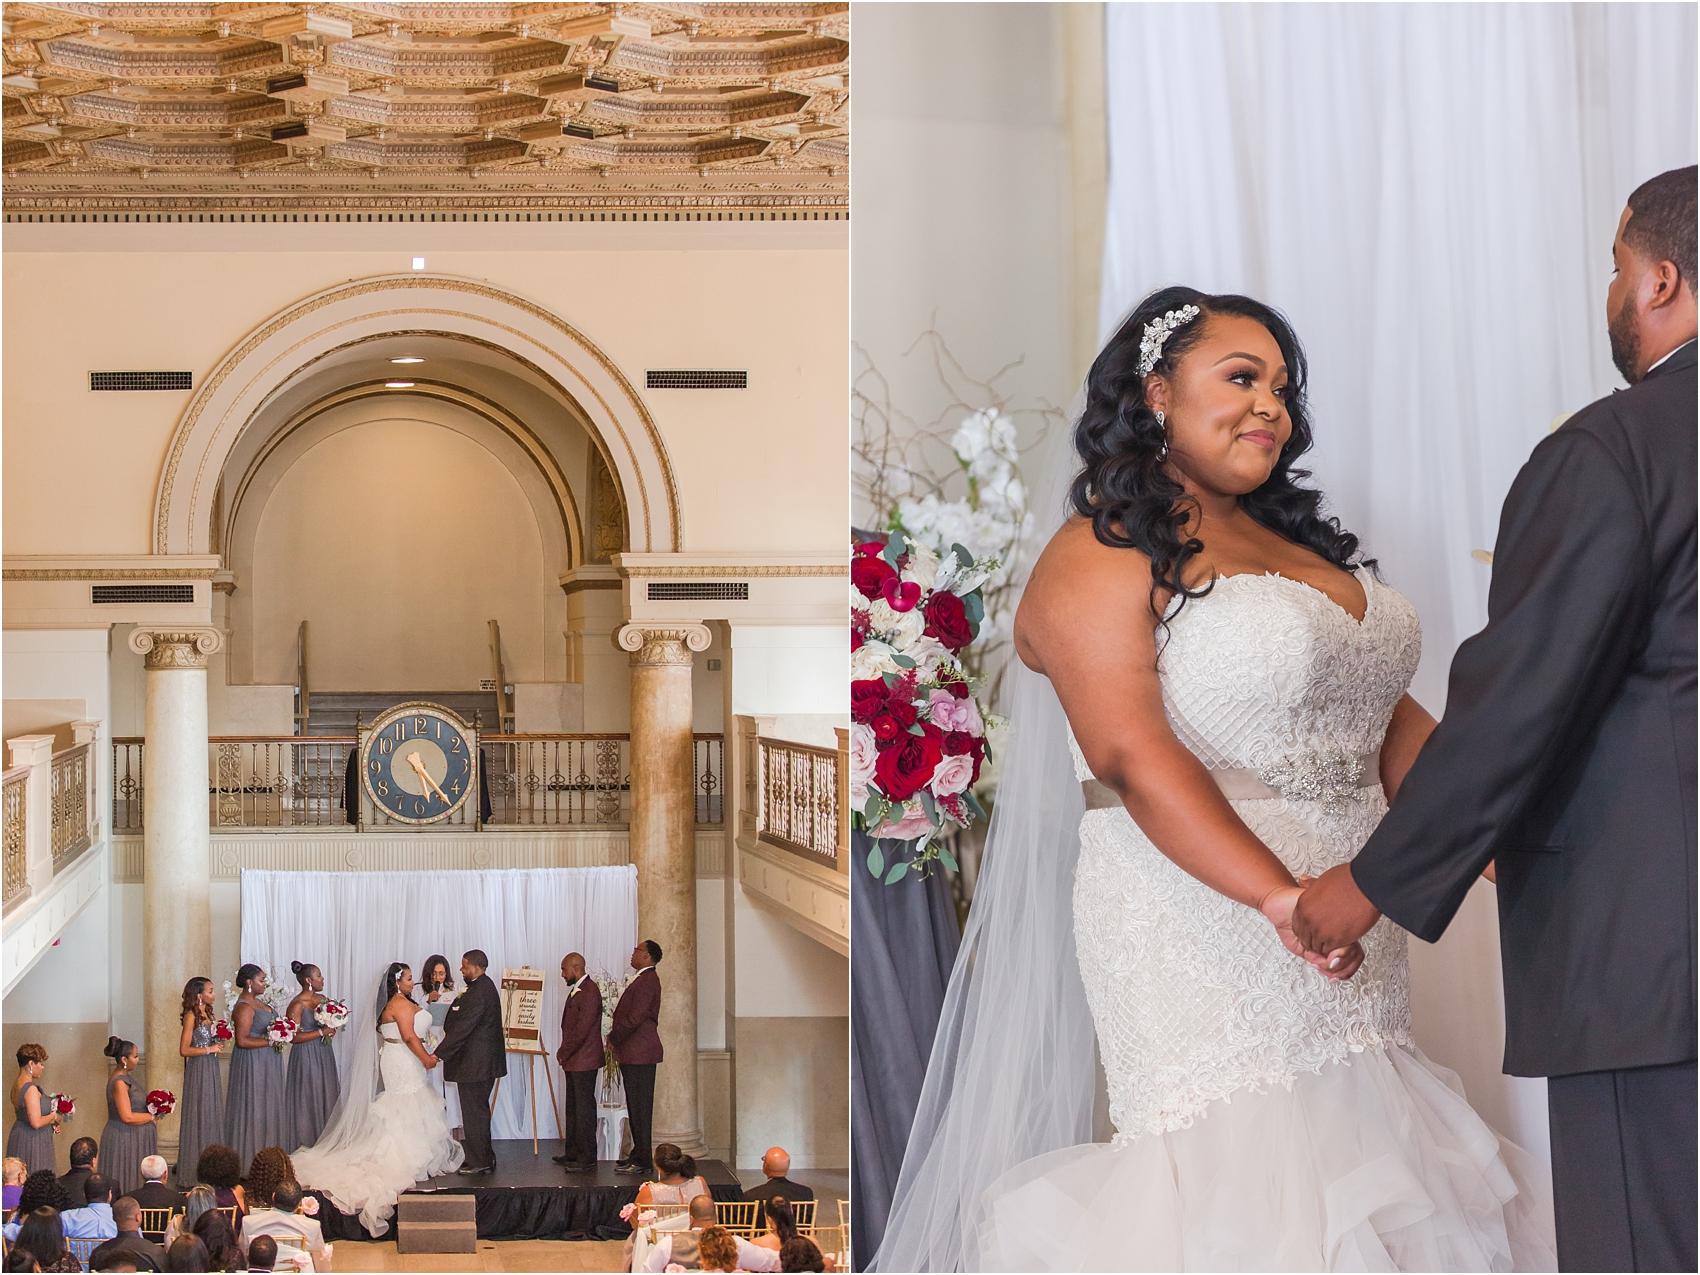 minimalist-and-modern-wedding-photos-at-30-north-saginaw-in-pontiac-michigan-by-courtney-carolyn-photography_0040.jpg